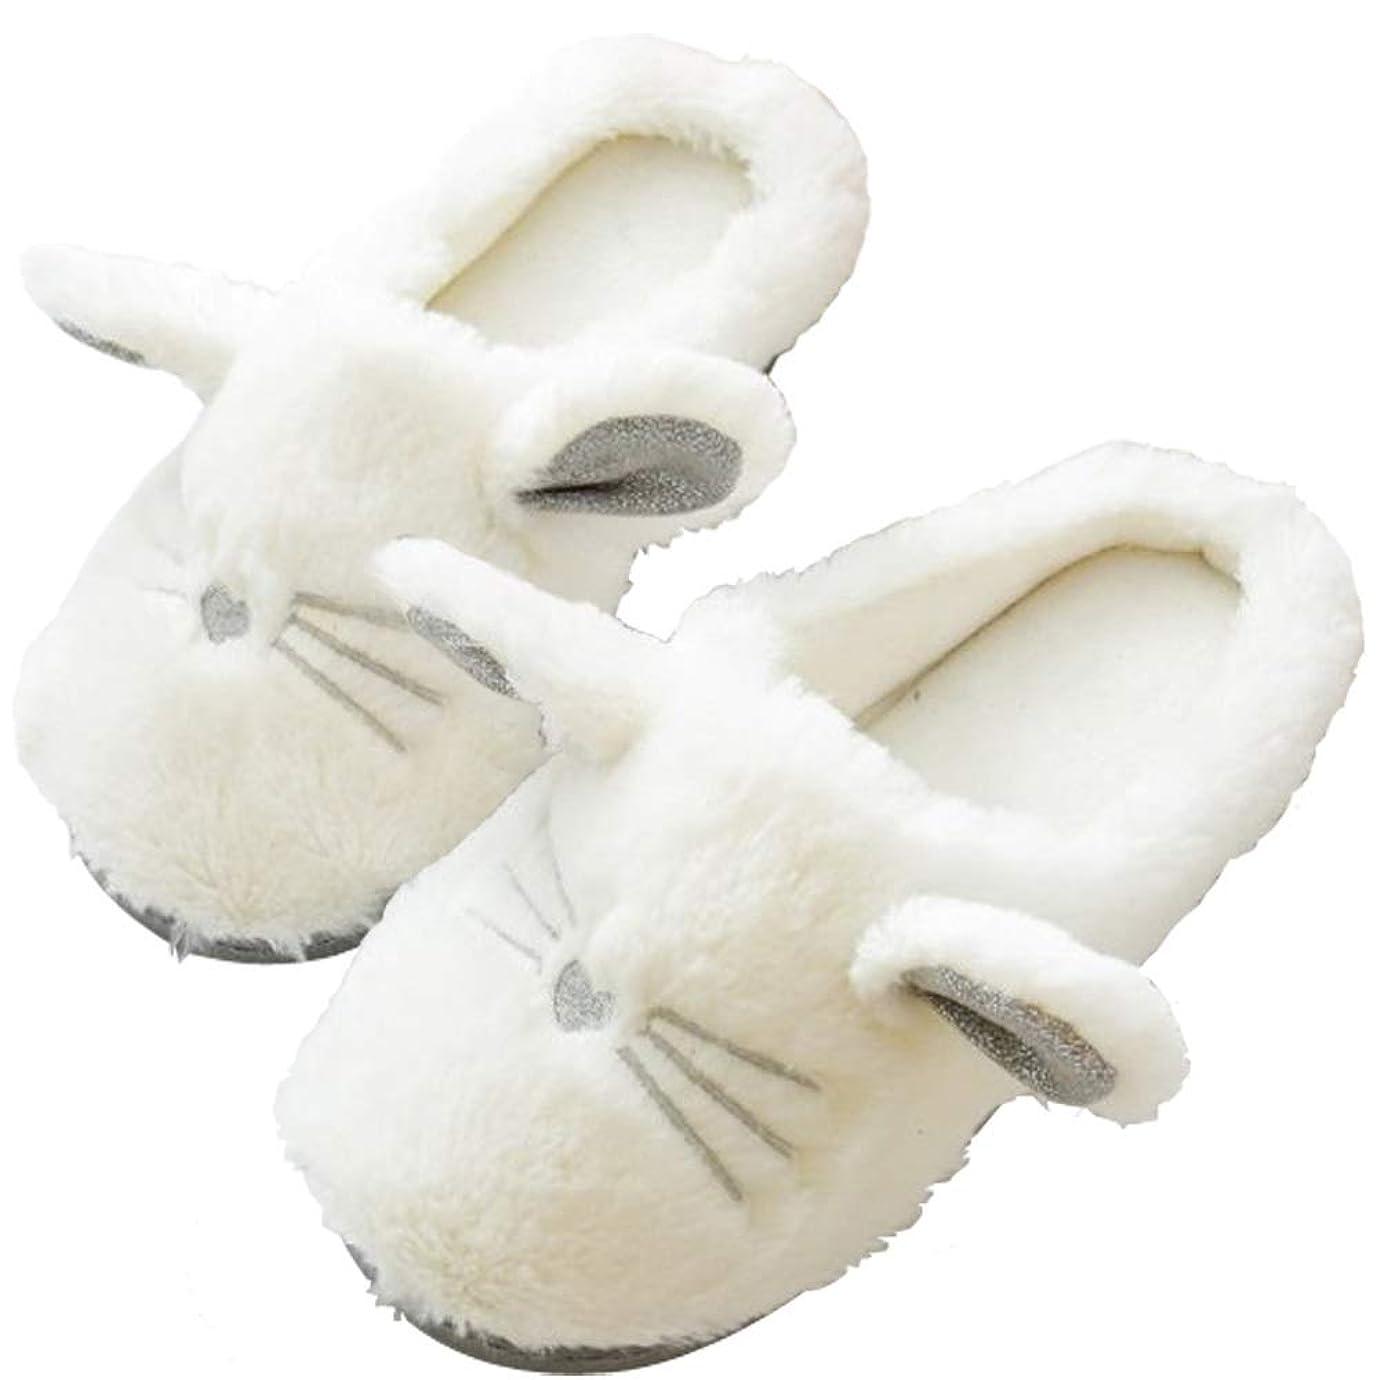 達成する悪用診断する[Almmy.6] うさぎ ふわふわ ルームシューズ スリッパ 室内履き 冬用 癒し